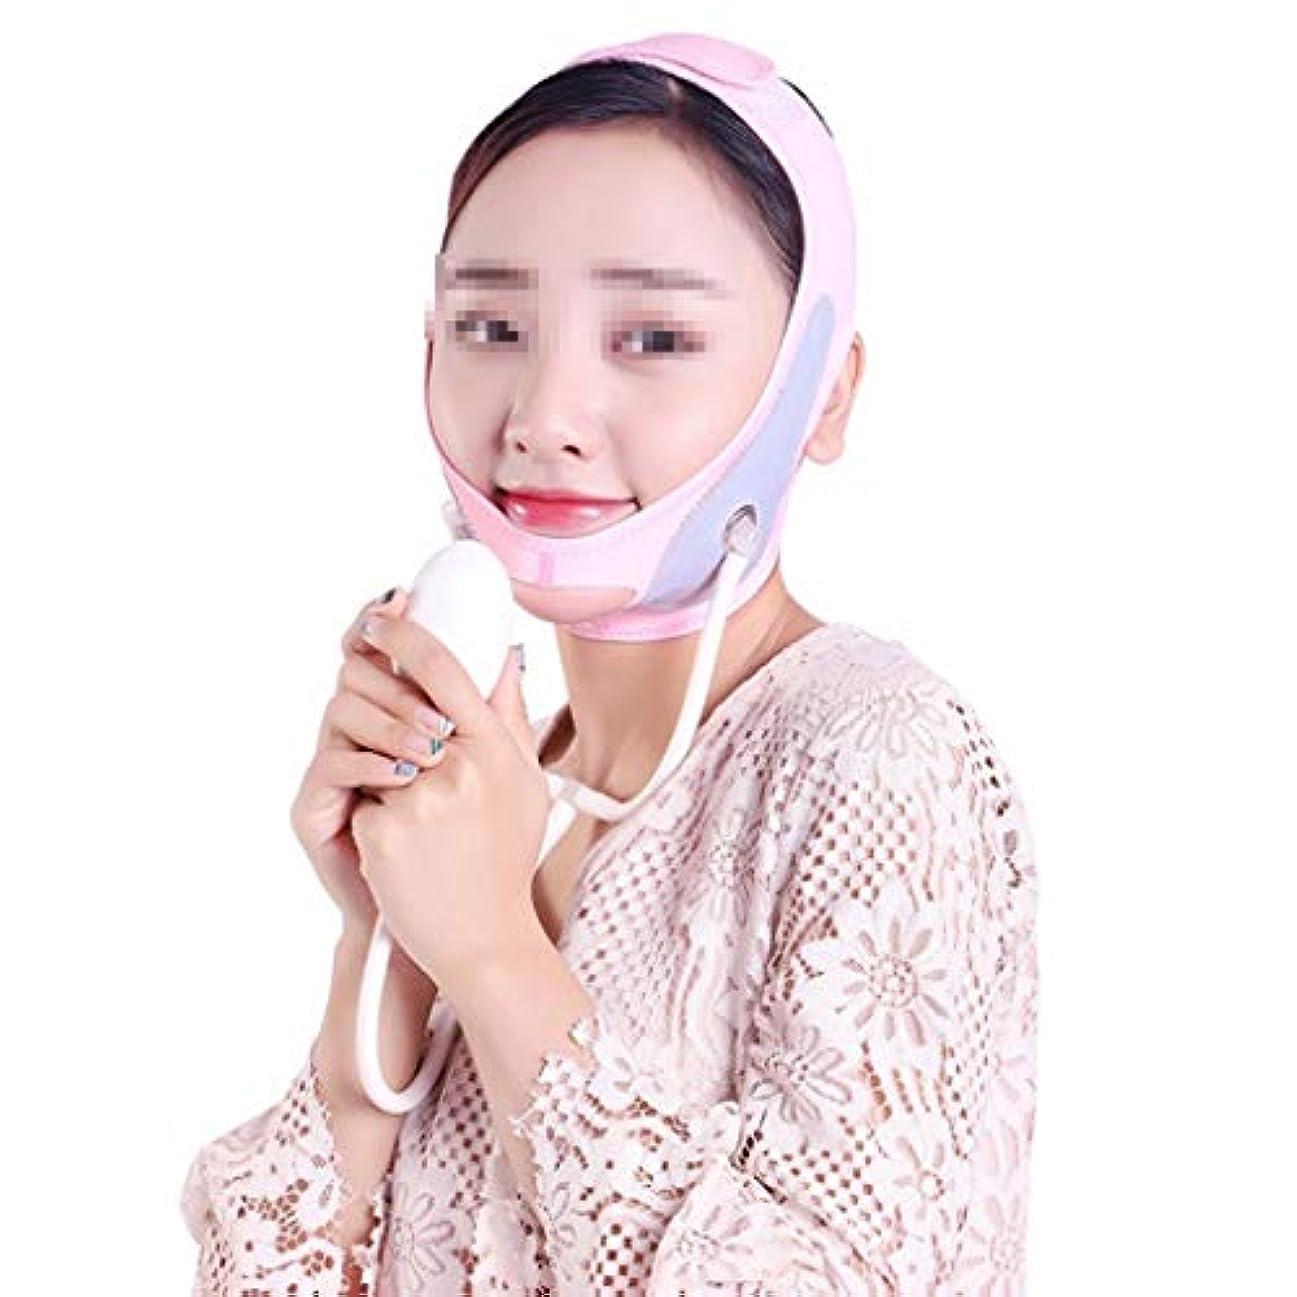 自動化に対処する始めるXHLMRMJ インフレータブルフェイスリフティングマスク、小さなVフェイスステッカーリフトプル形状の筋肉引き締め肌二重あご包帯